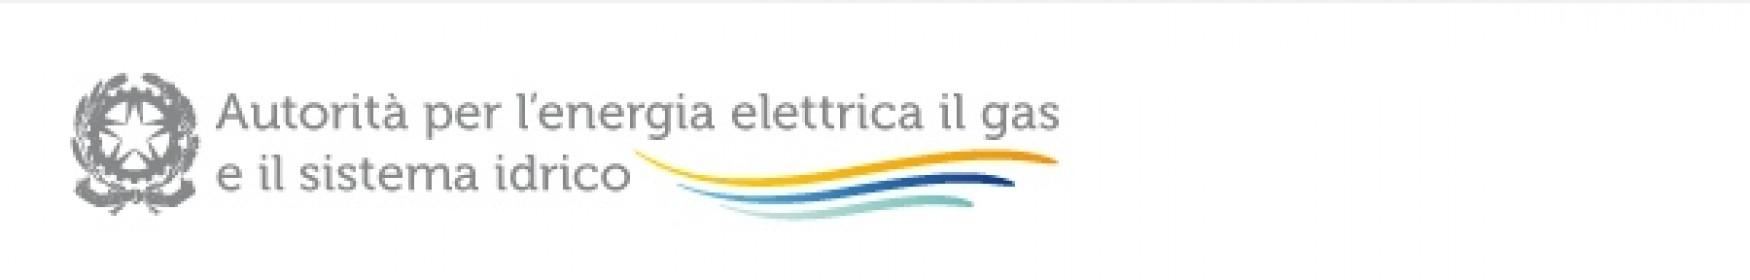 autorità energia elettrica e gas